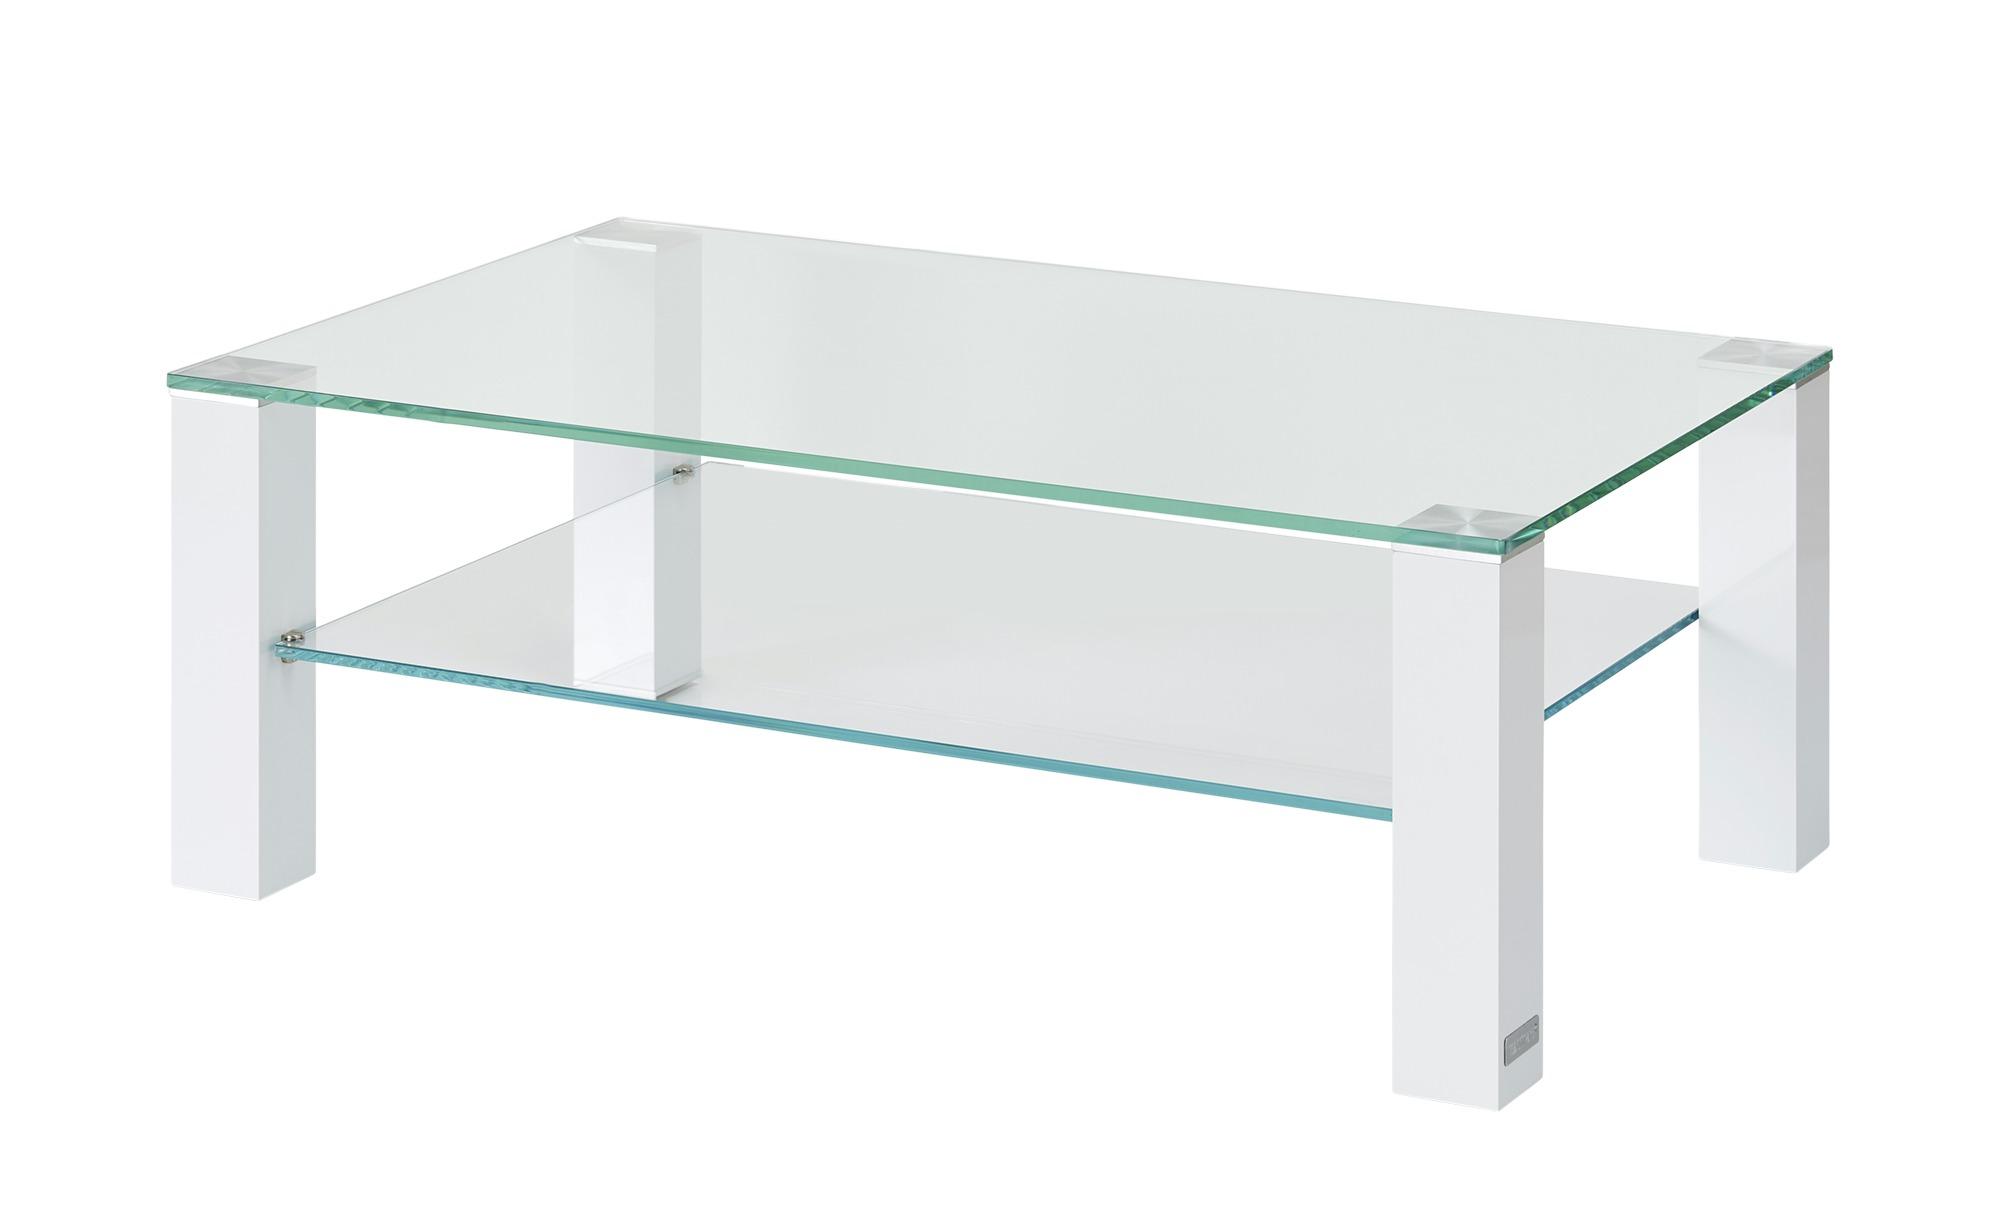 Glastisch Kaufen Munchen Design Couchtisch Kronos Schwarz Salontisch Schwarz Kuchenbeistelltisch In 2020 Couchtisch Weiss Hochglanz Couchtisch Couchtisch Weiss